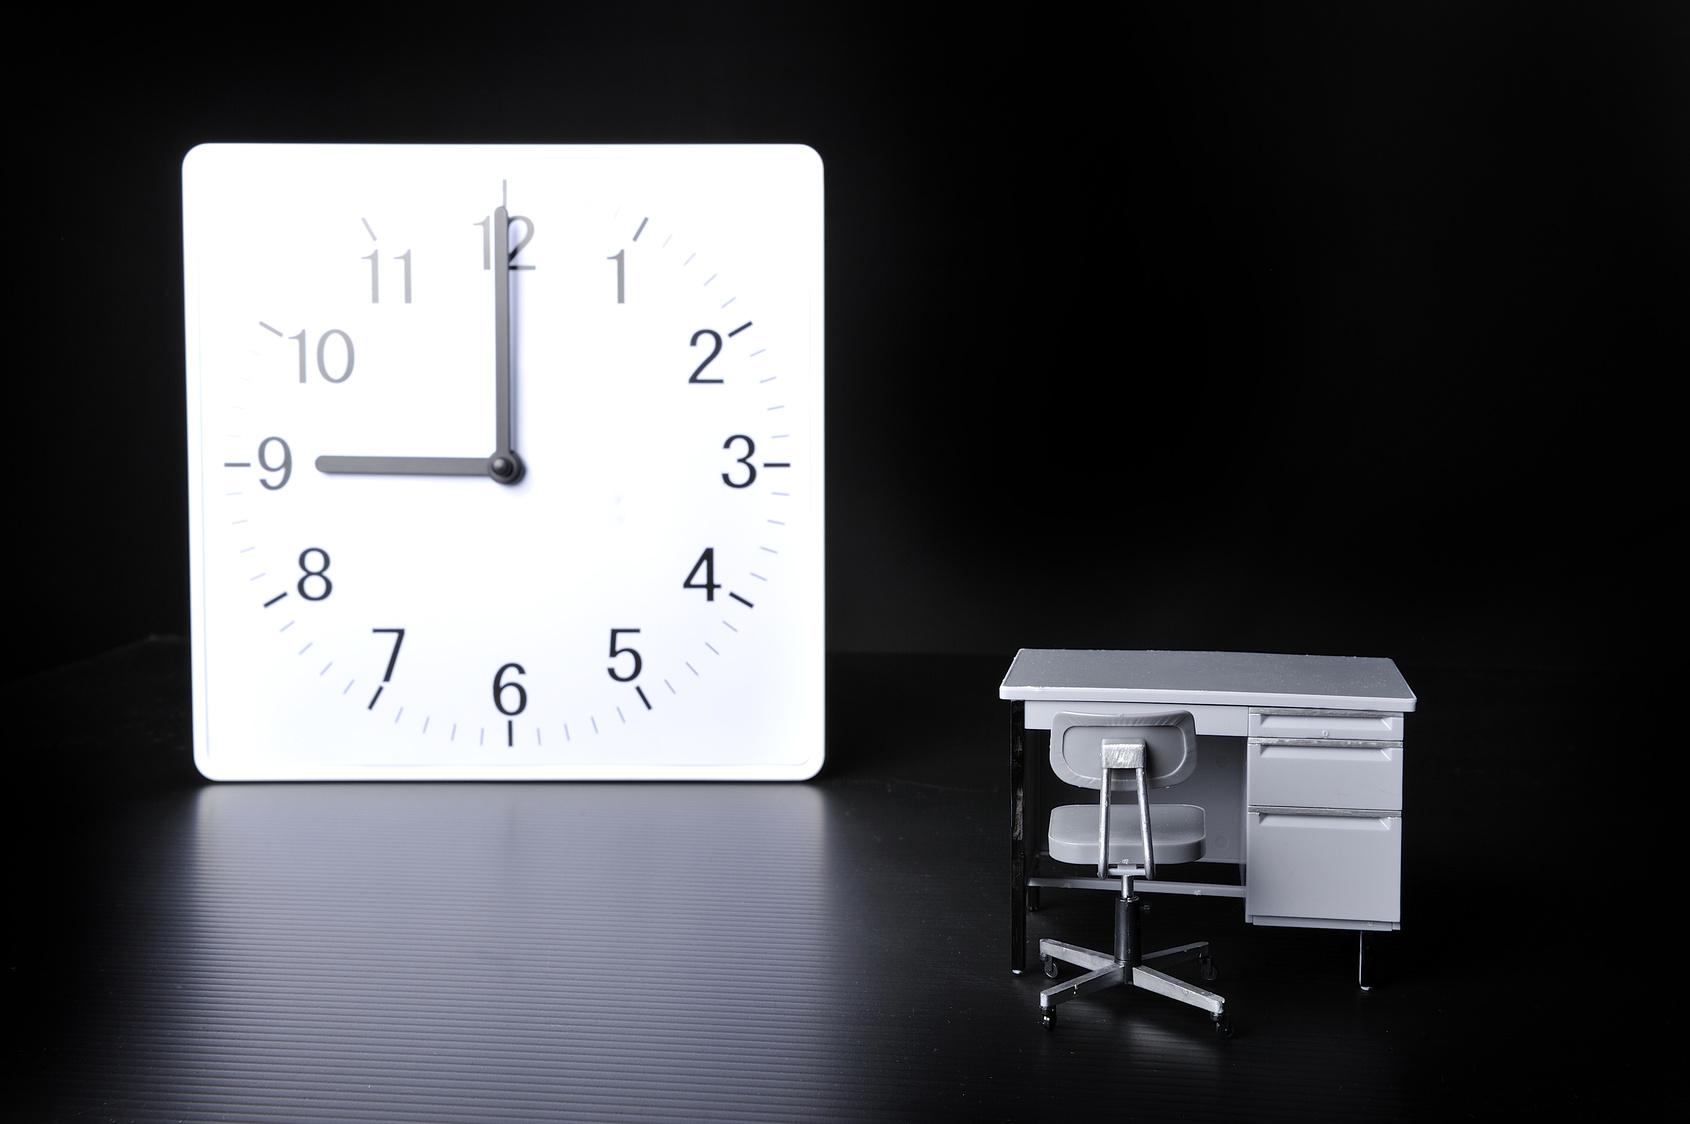 【ブラック企業】長時間労働の質が見極めのポイント